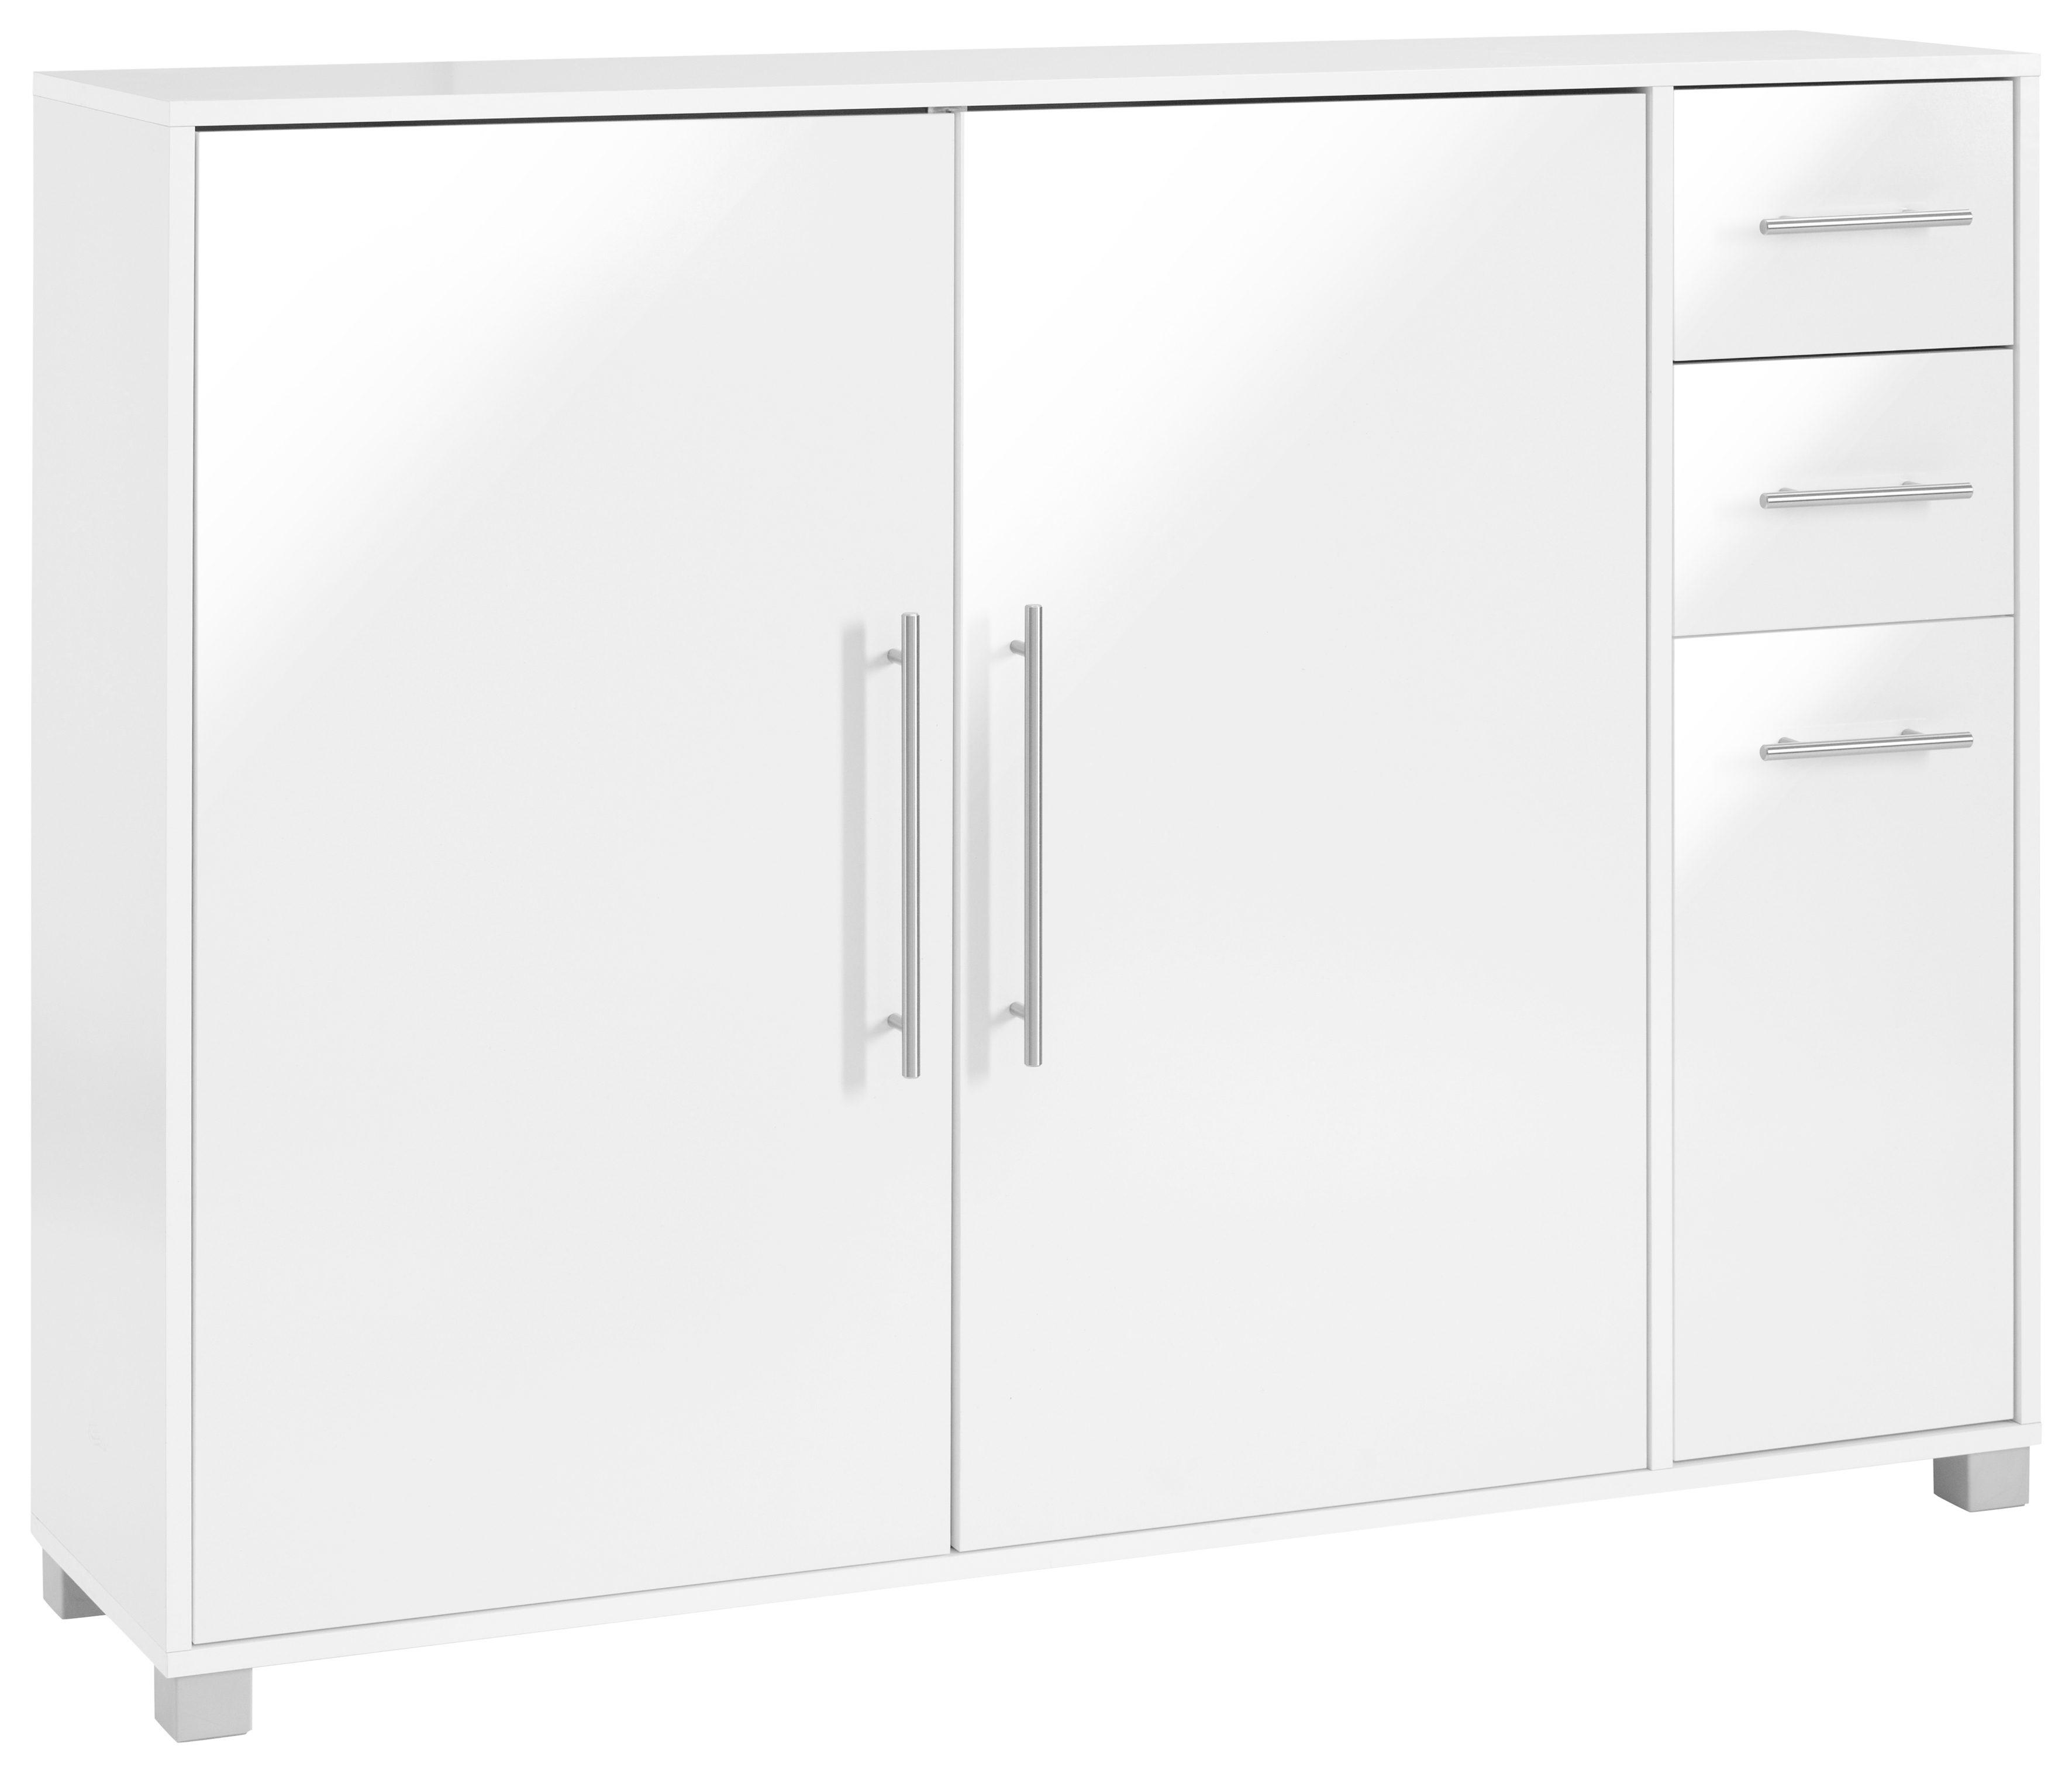 schuhschrank wei preisvergleich die besten angebote online kaufen. Black Bedroom Furniture Sets. Home Design Ideas